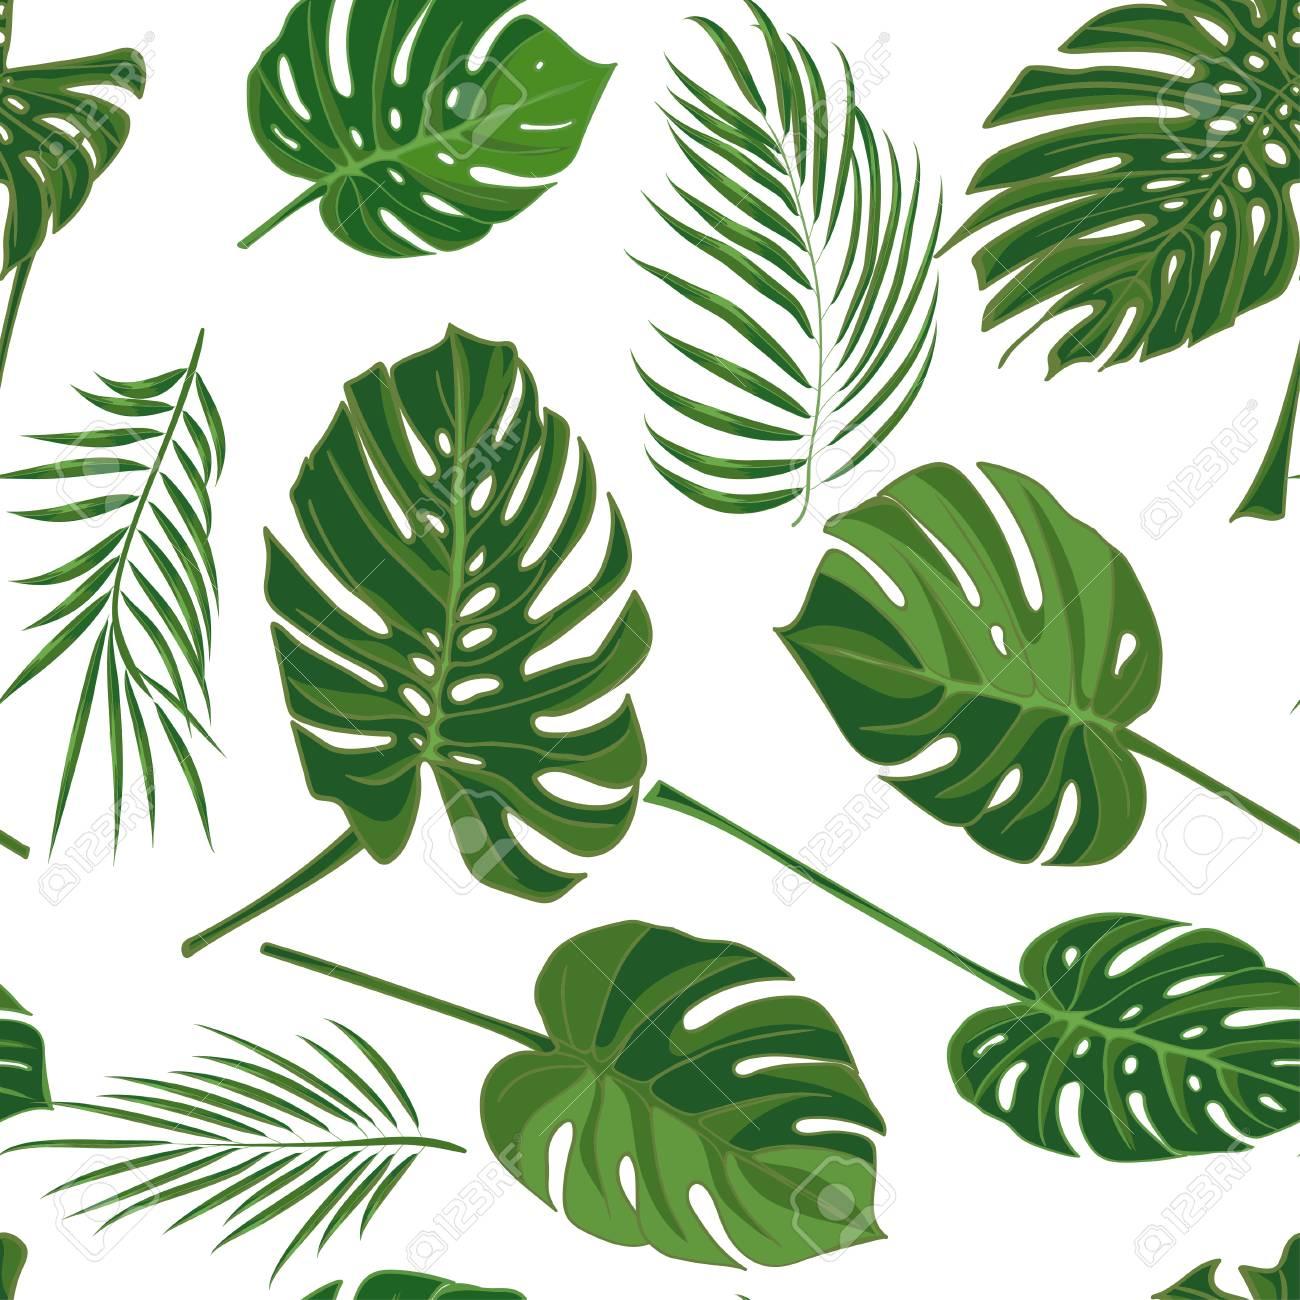 Mano Transparente Dibujado Patrón Tropical Con Hojas De Palma En ...